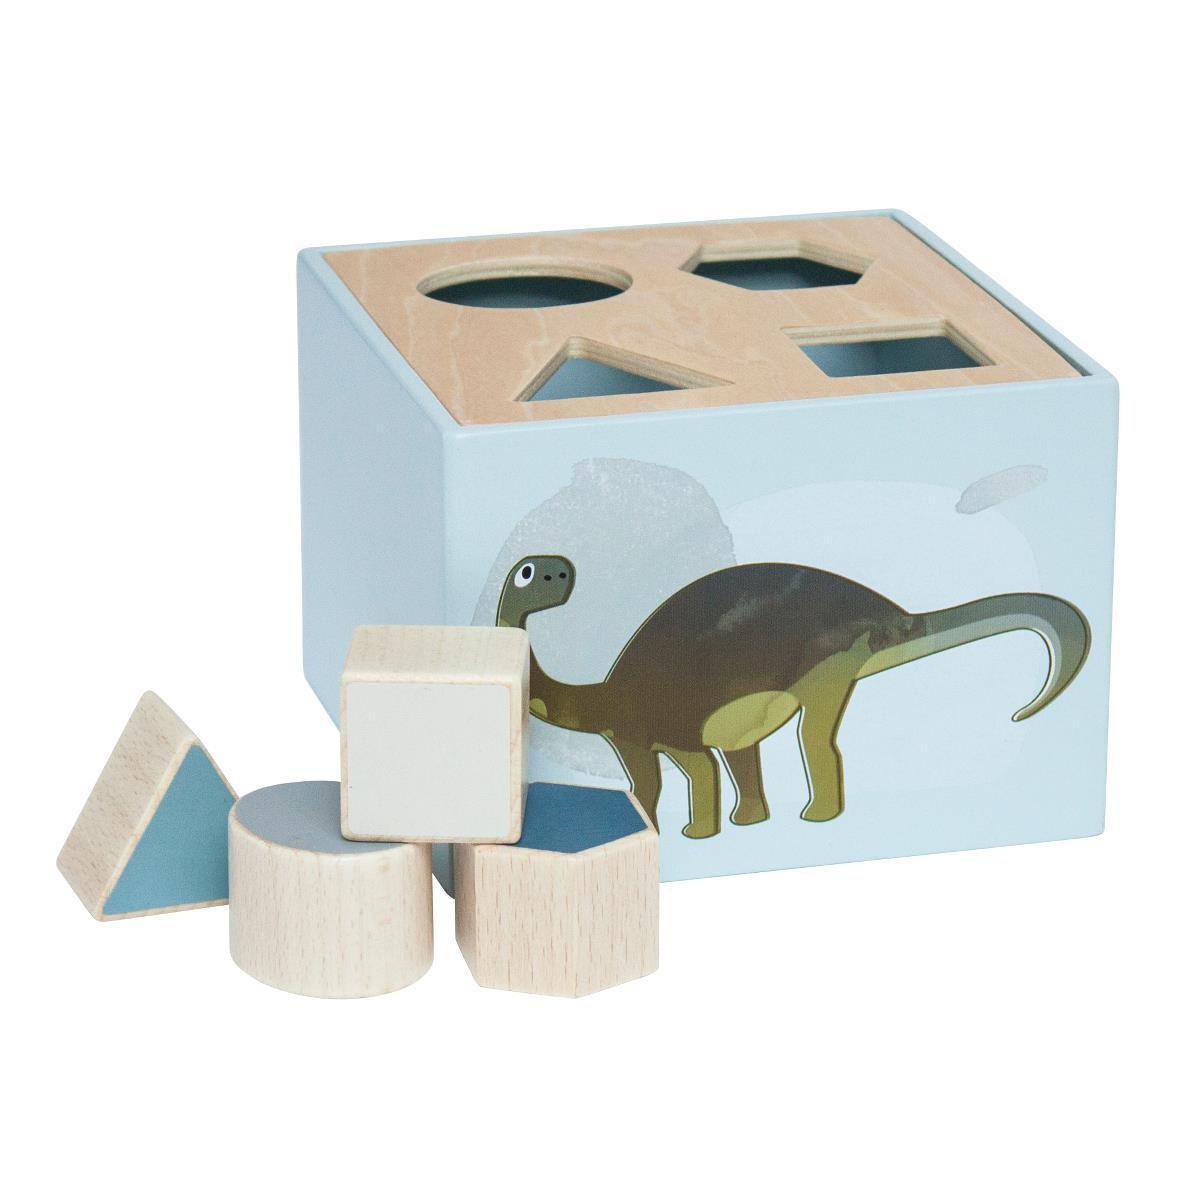 sebra Formensteckspiel aus Holz, Dino 3017104 - 01